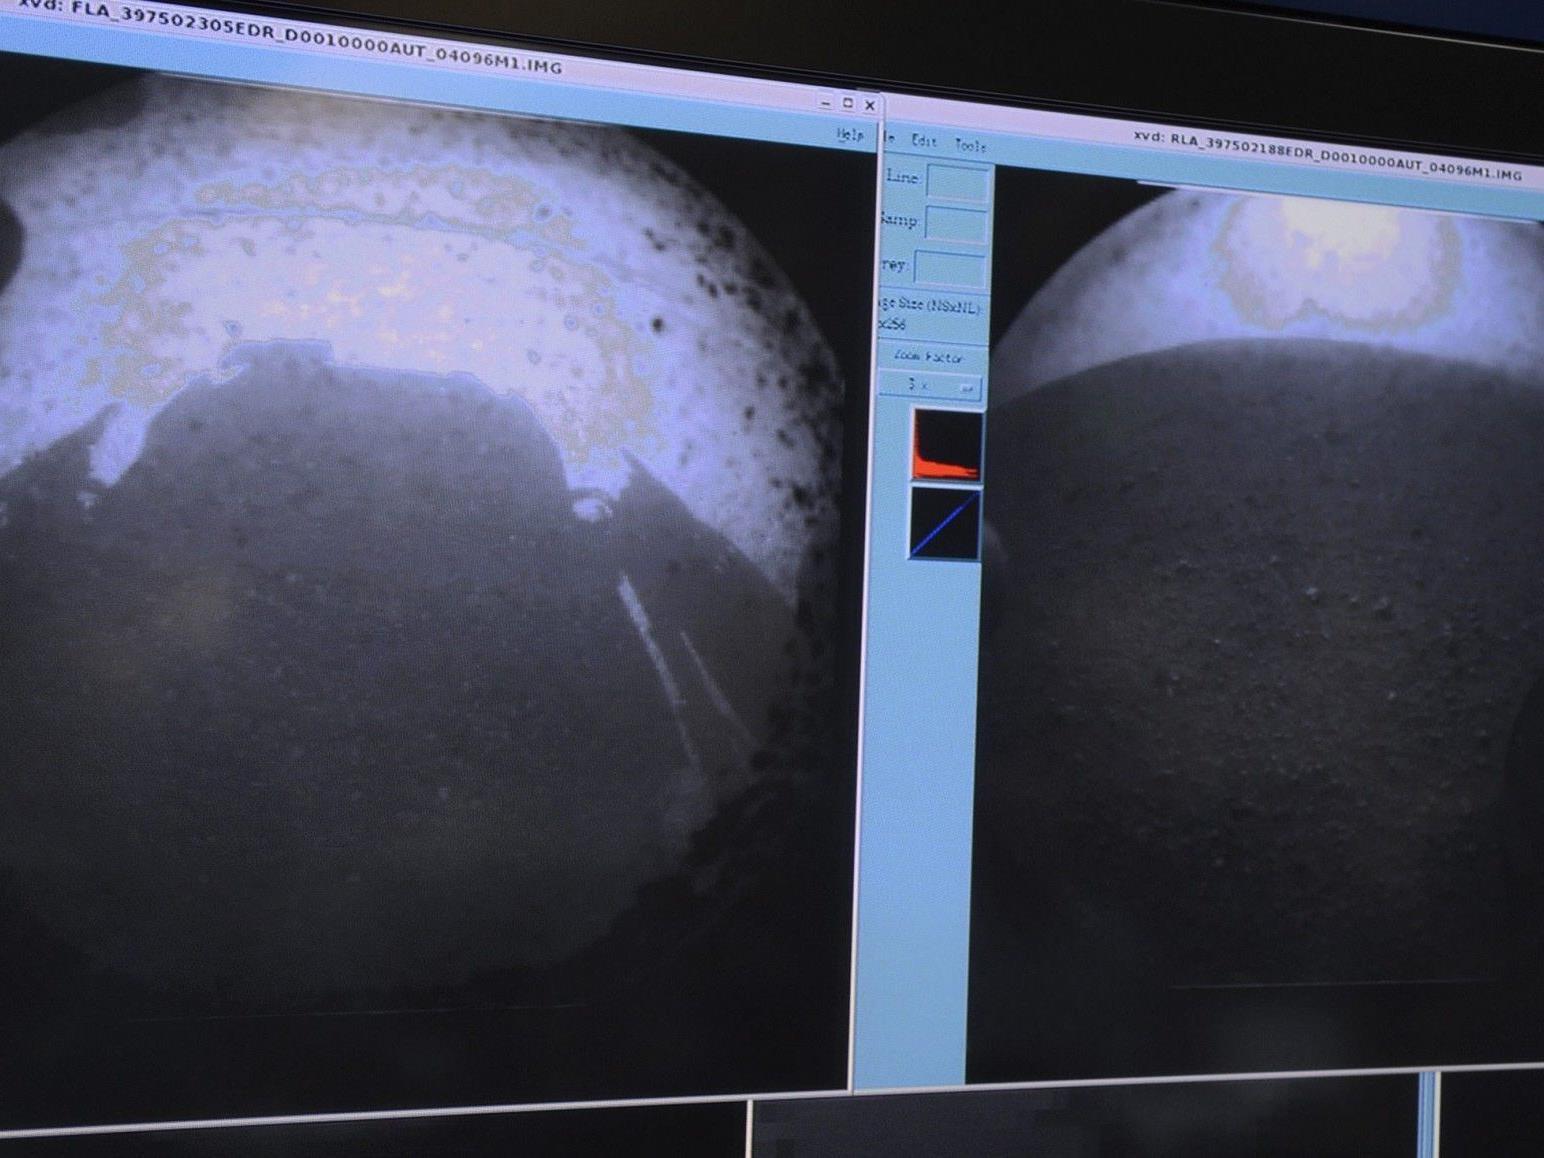 """Die ersten Bilder die """"Curiosity"""" vom Mars senden konnte."""